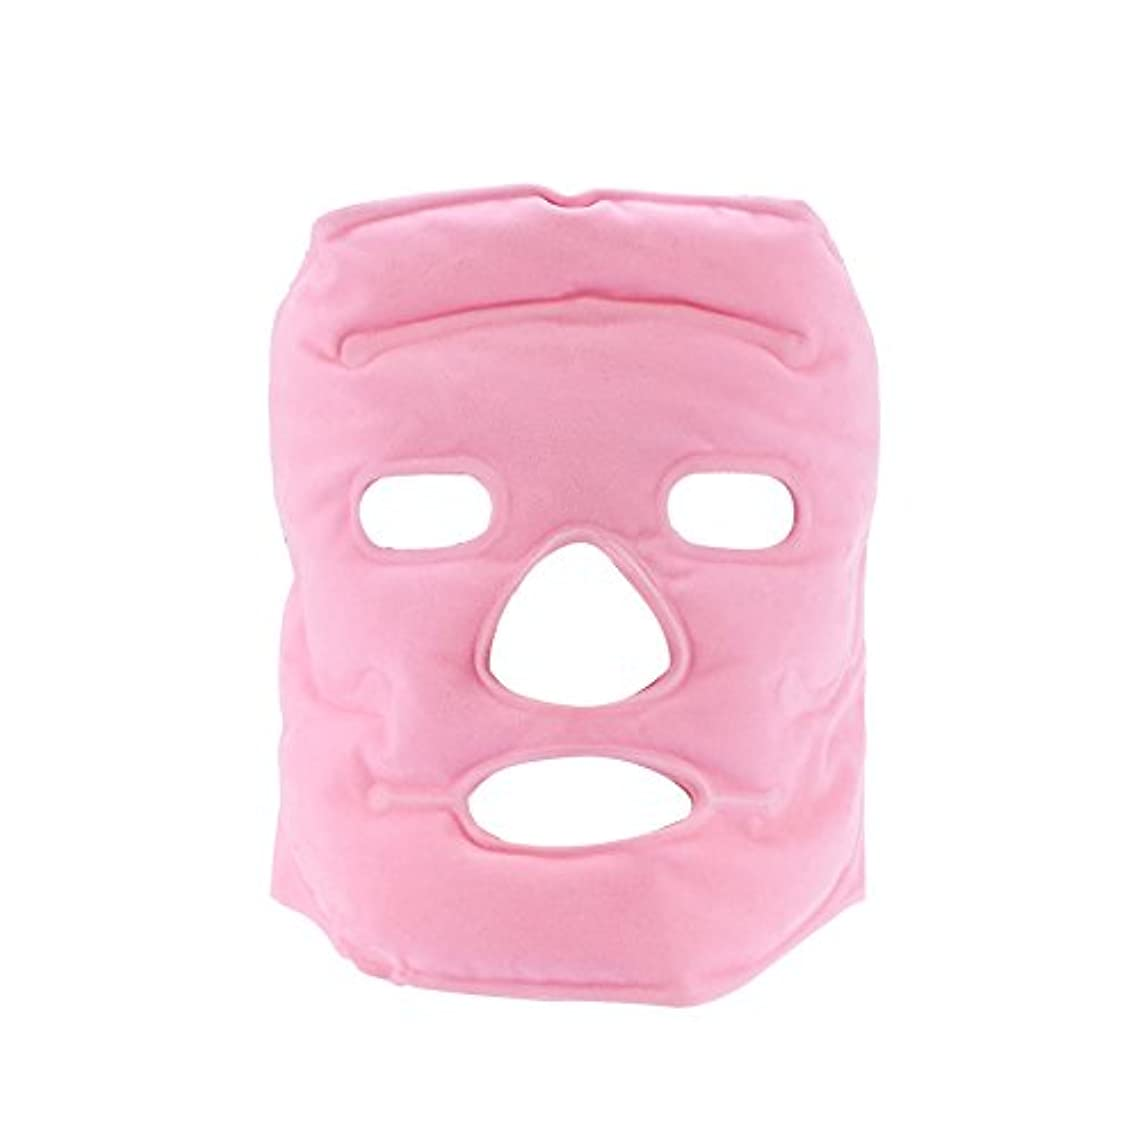 笑い統計的迫害するトルマリンフェイスマスク、フェイシャル美容マスク計器トルマリン磁気コールド/ホットコンプレッションマッサージアンチリンクルフェイスケア女性